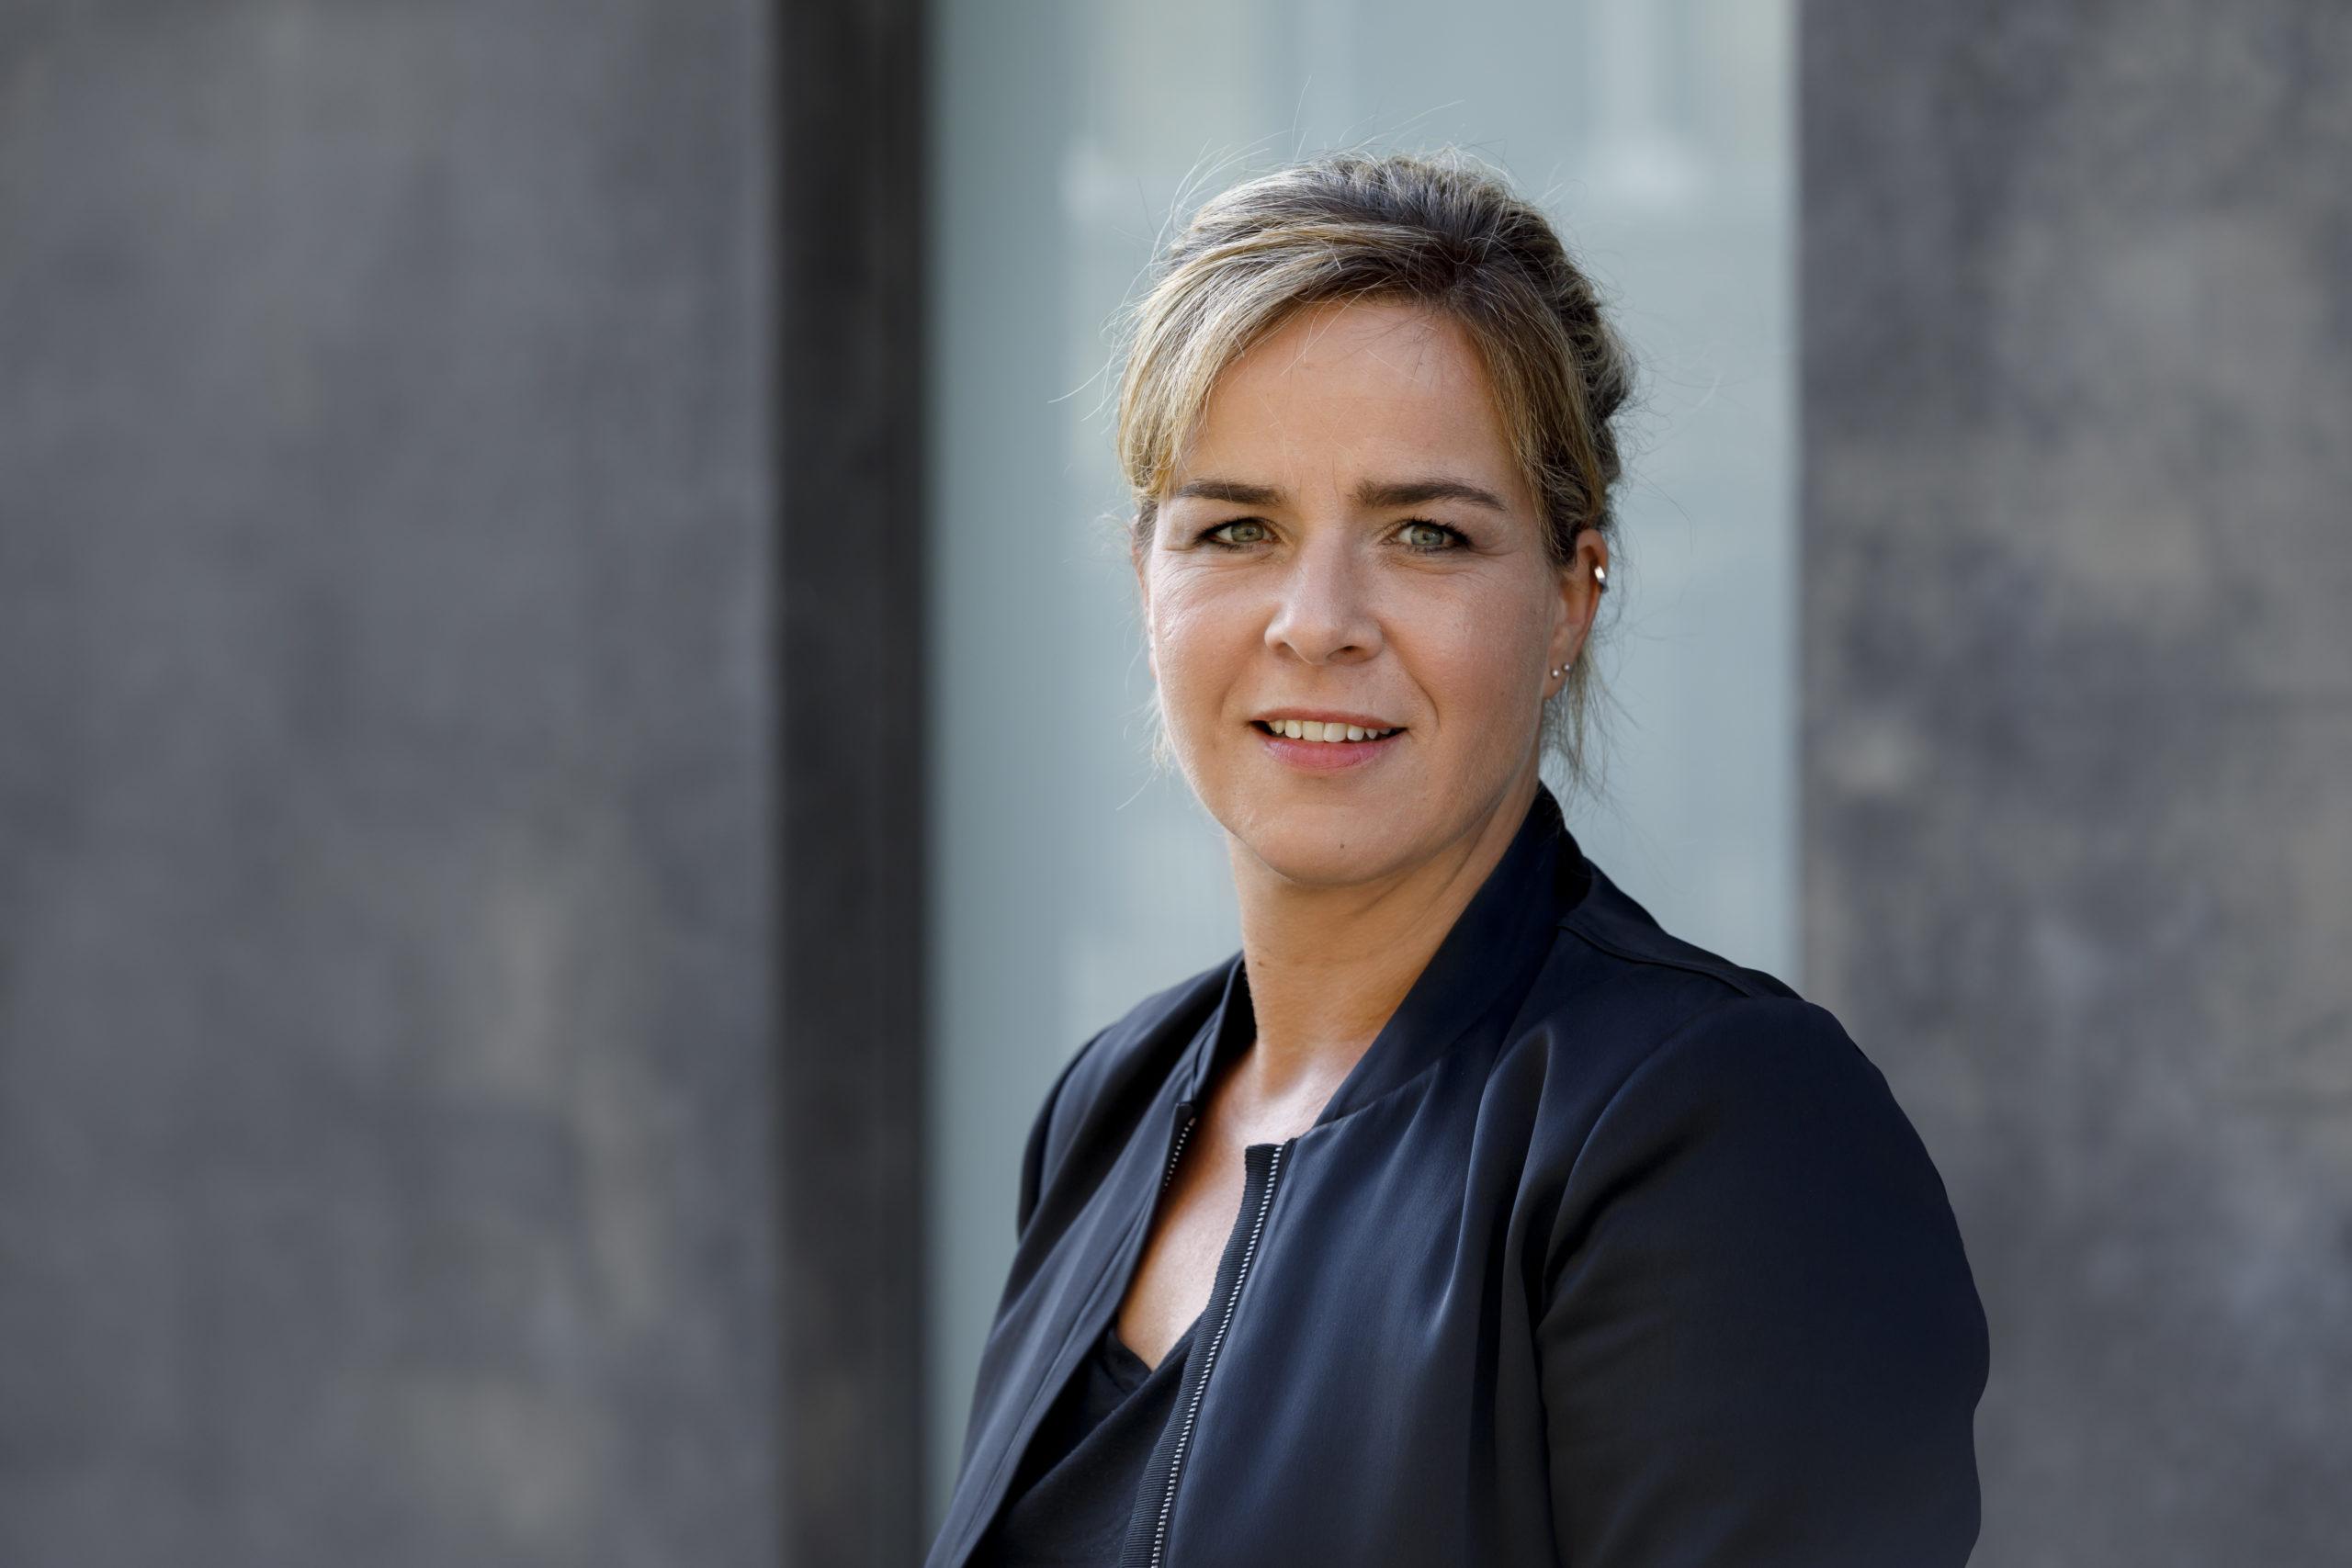 Grünen-Landesvorsitzende am 17.09.2021 in Alfter